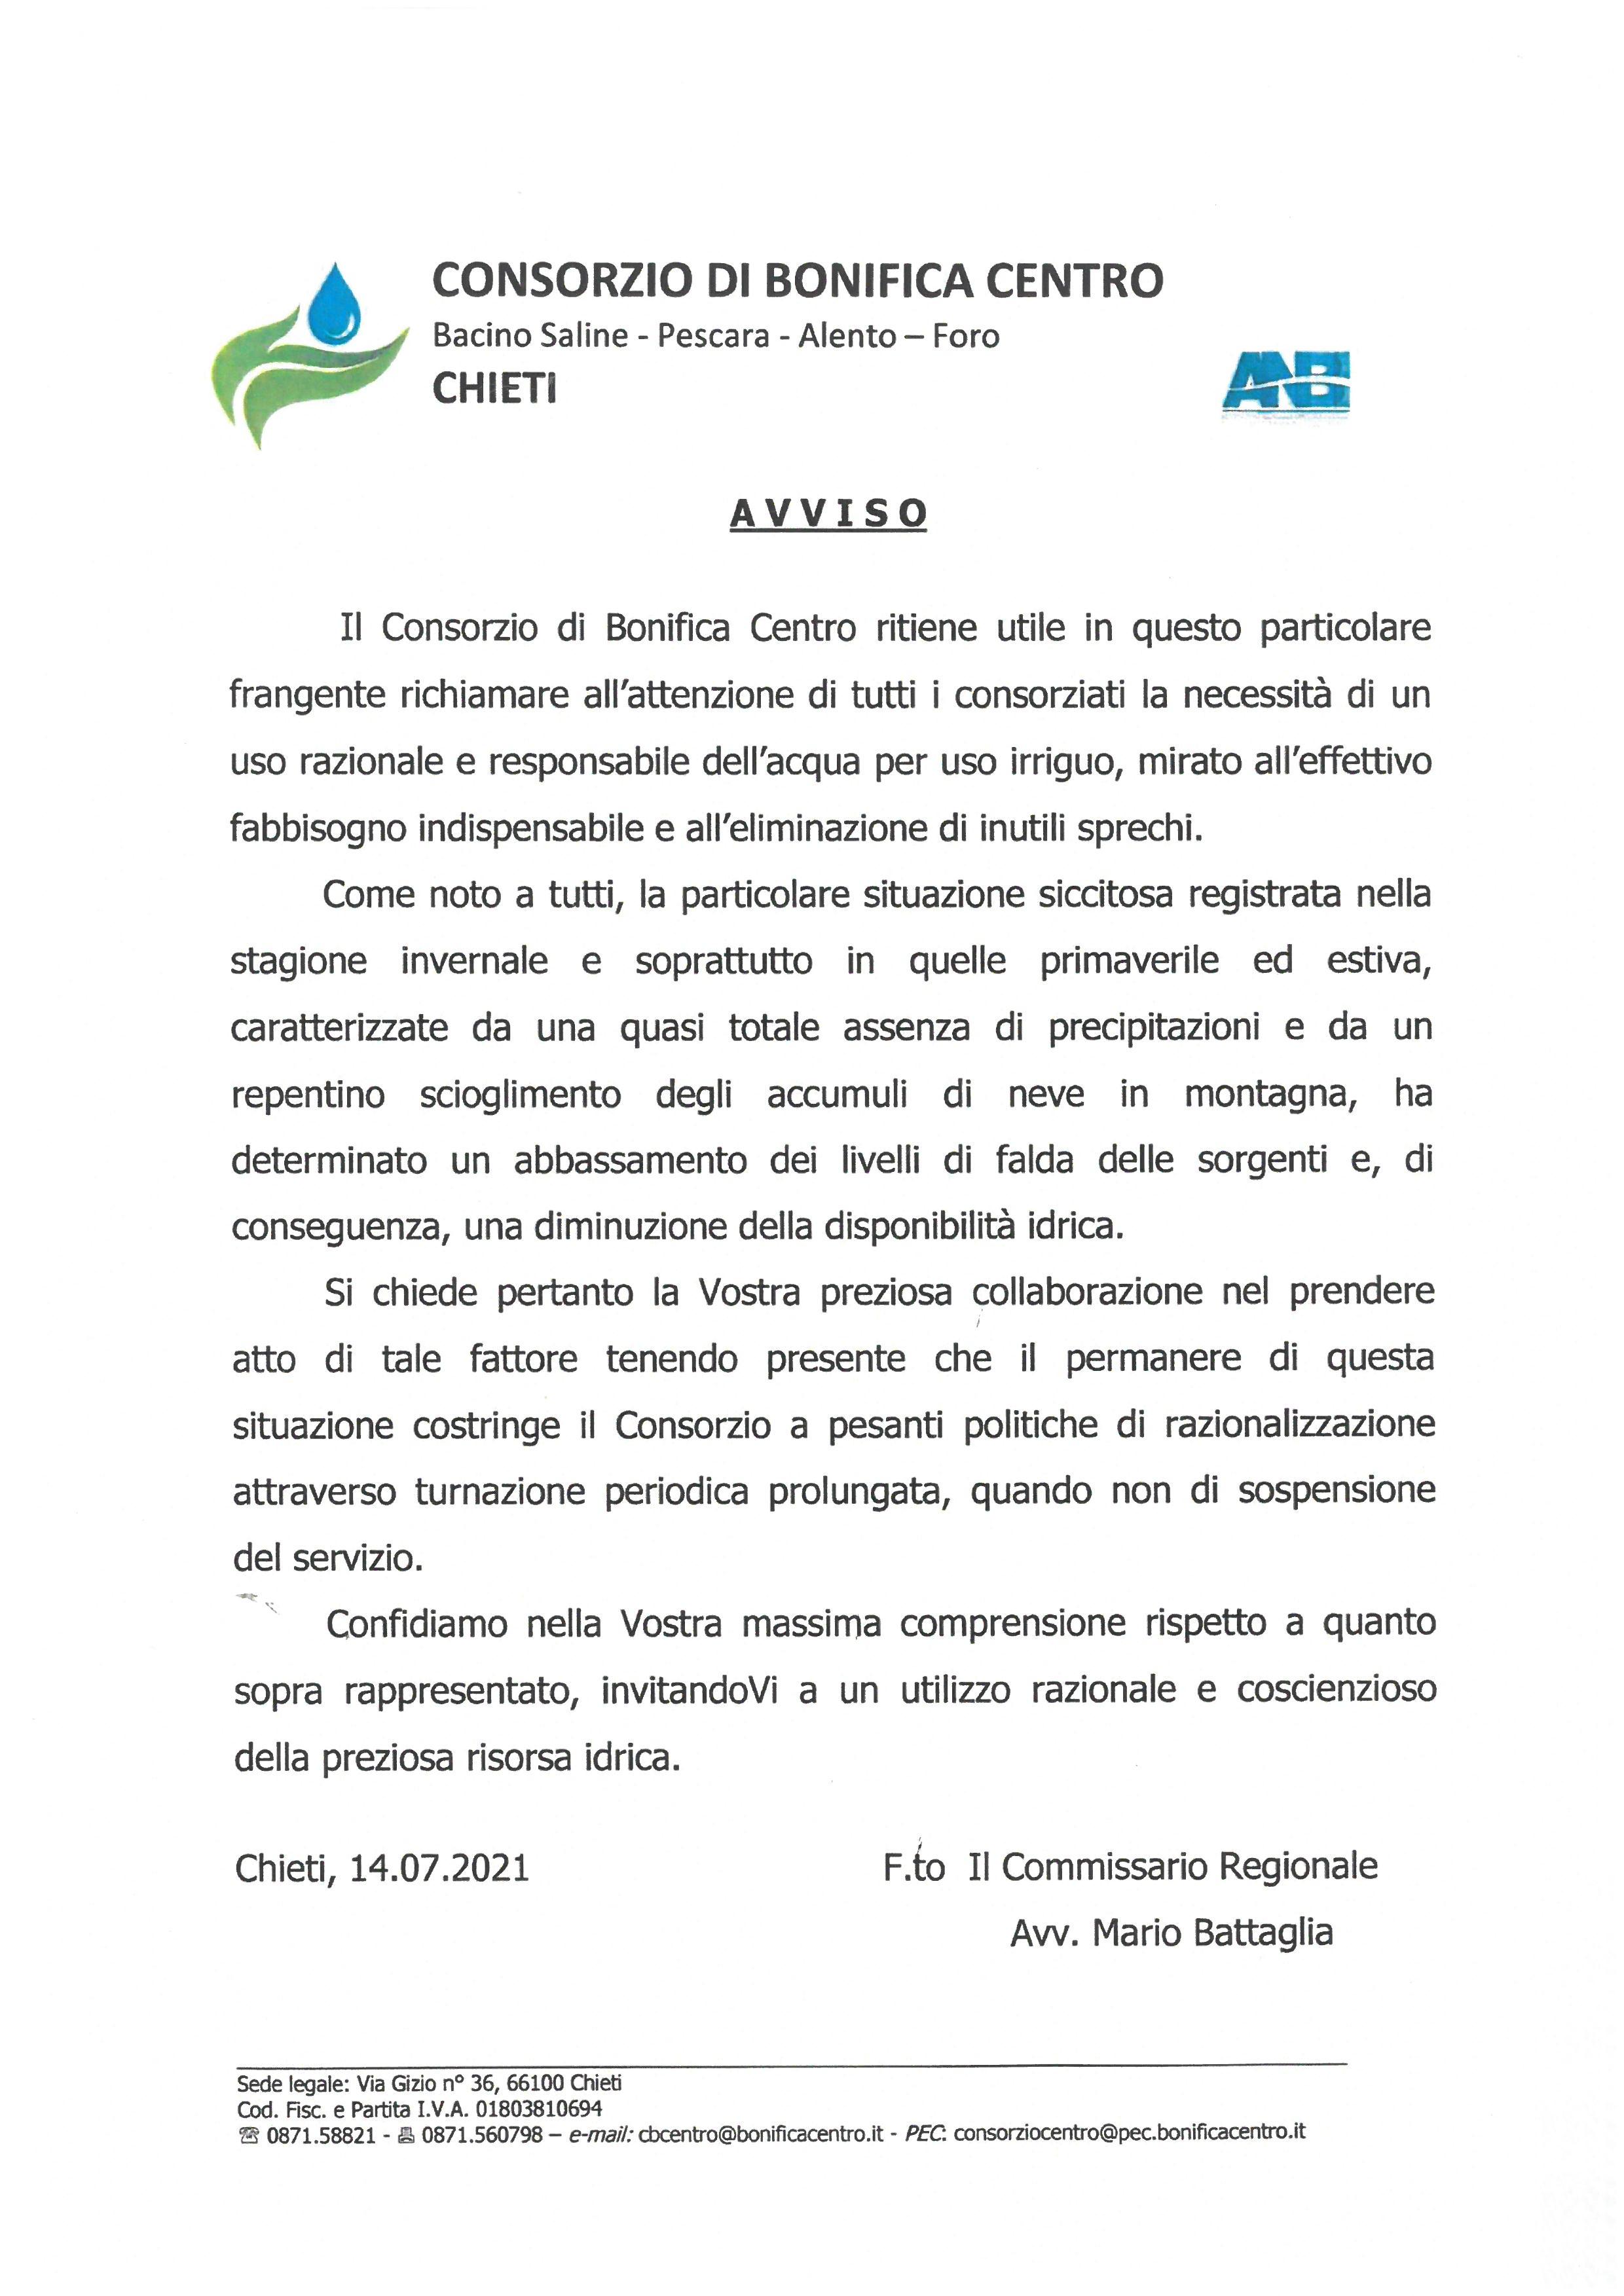 Consorzio di bonifica centro - Uso razionale acqua per irrigazione